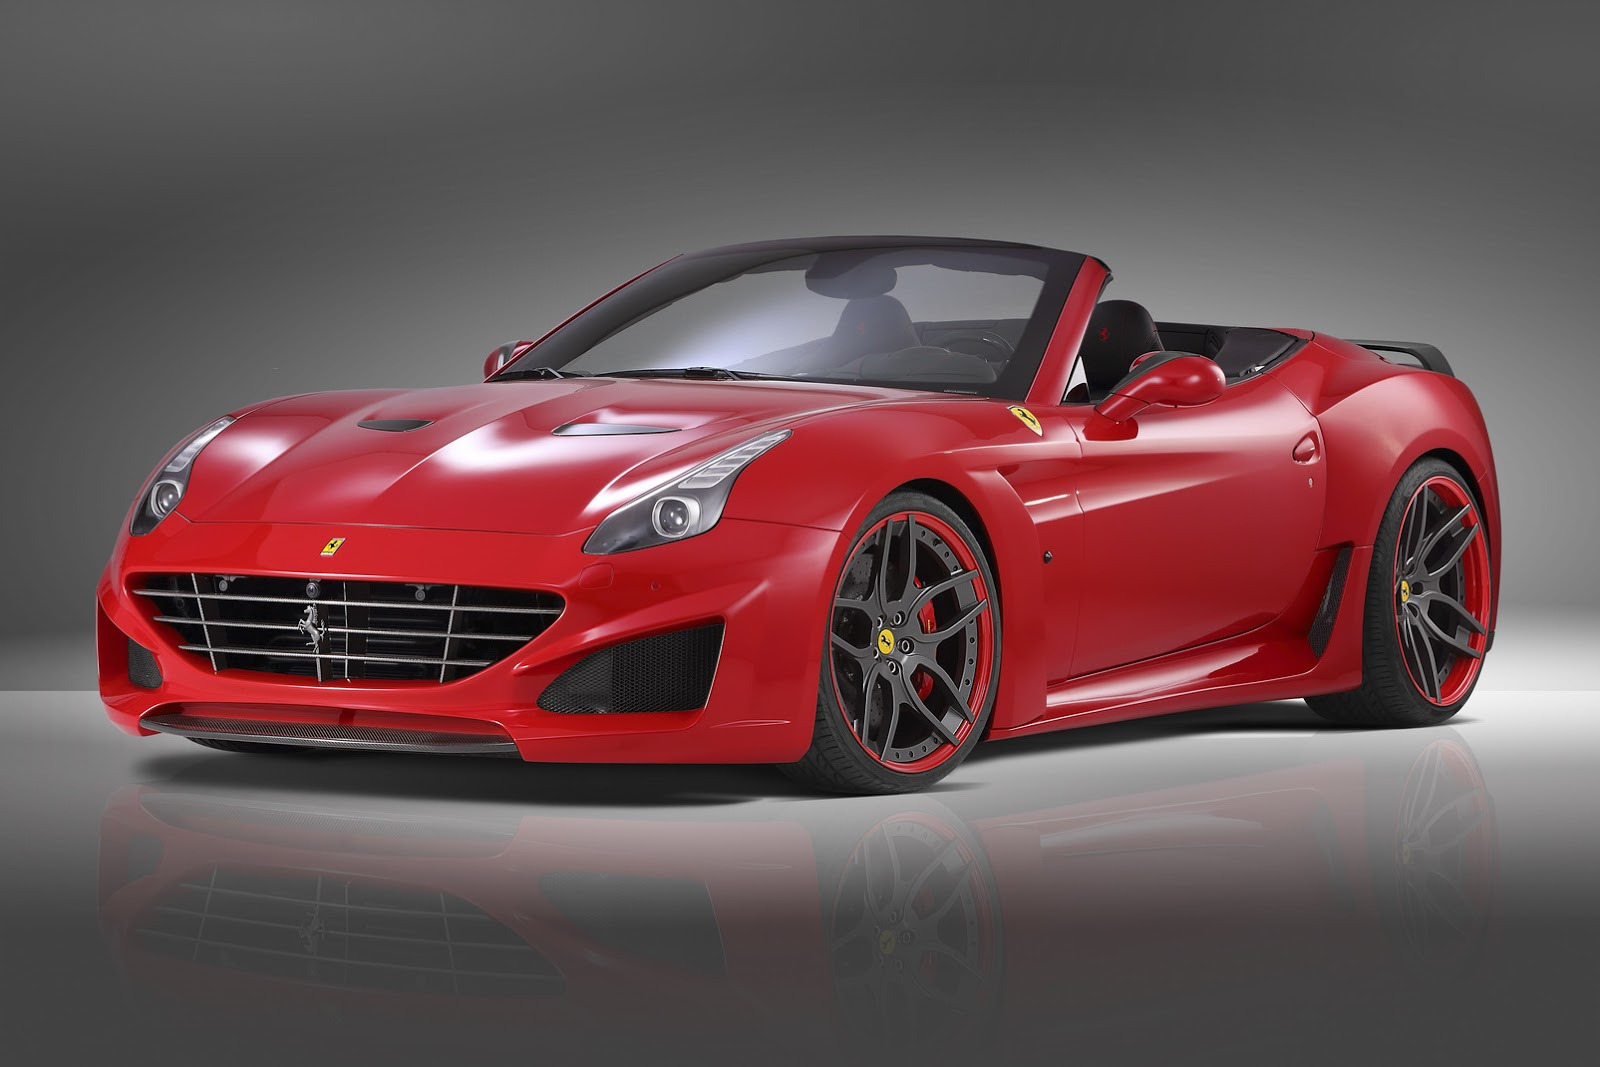 Ferrari California T por Novitec Rosso: 668 CV de potencia y una estética aún más deportiva 2